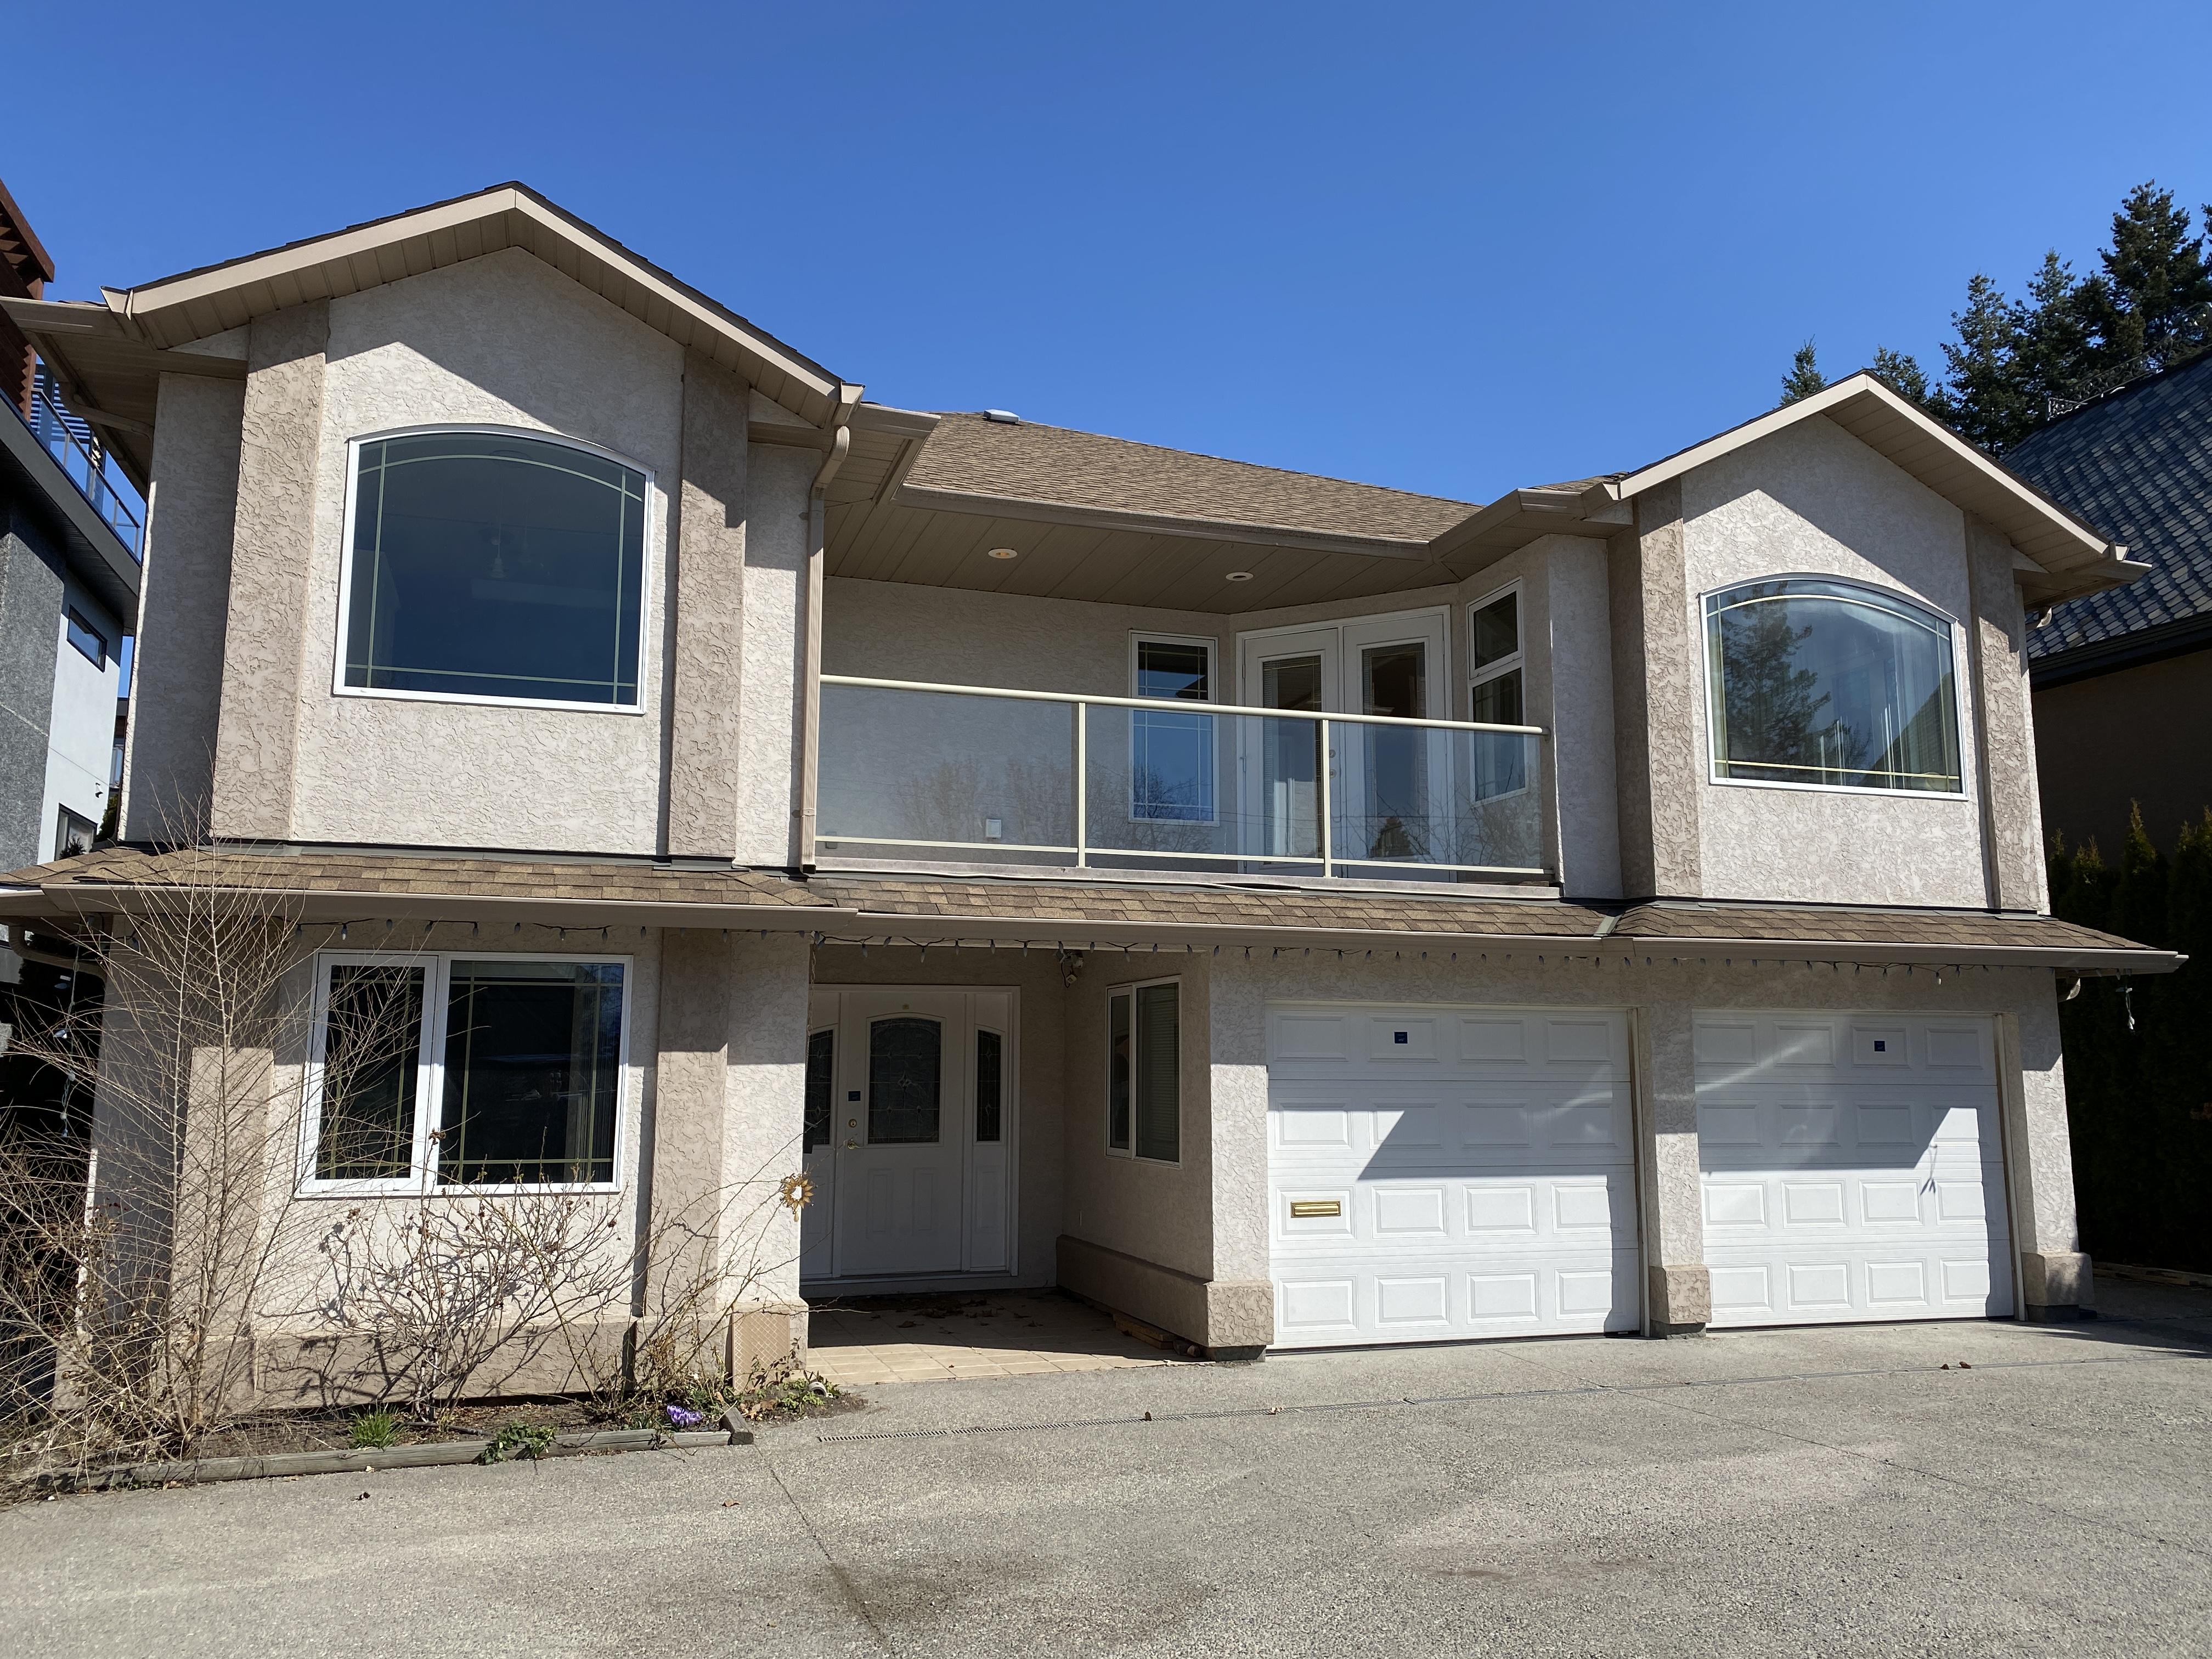 3511 Lakeshore Road, Kelowna, BC - $2,800